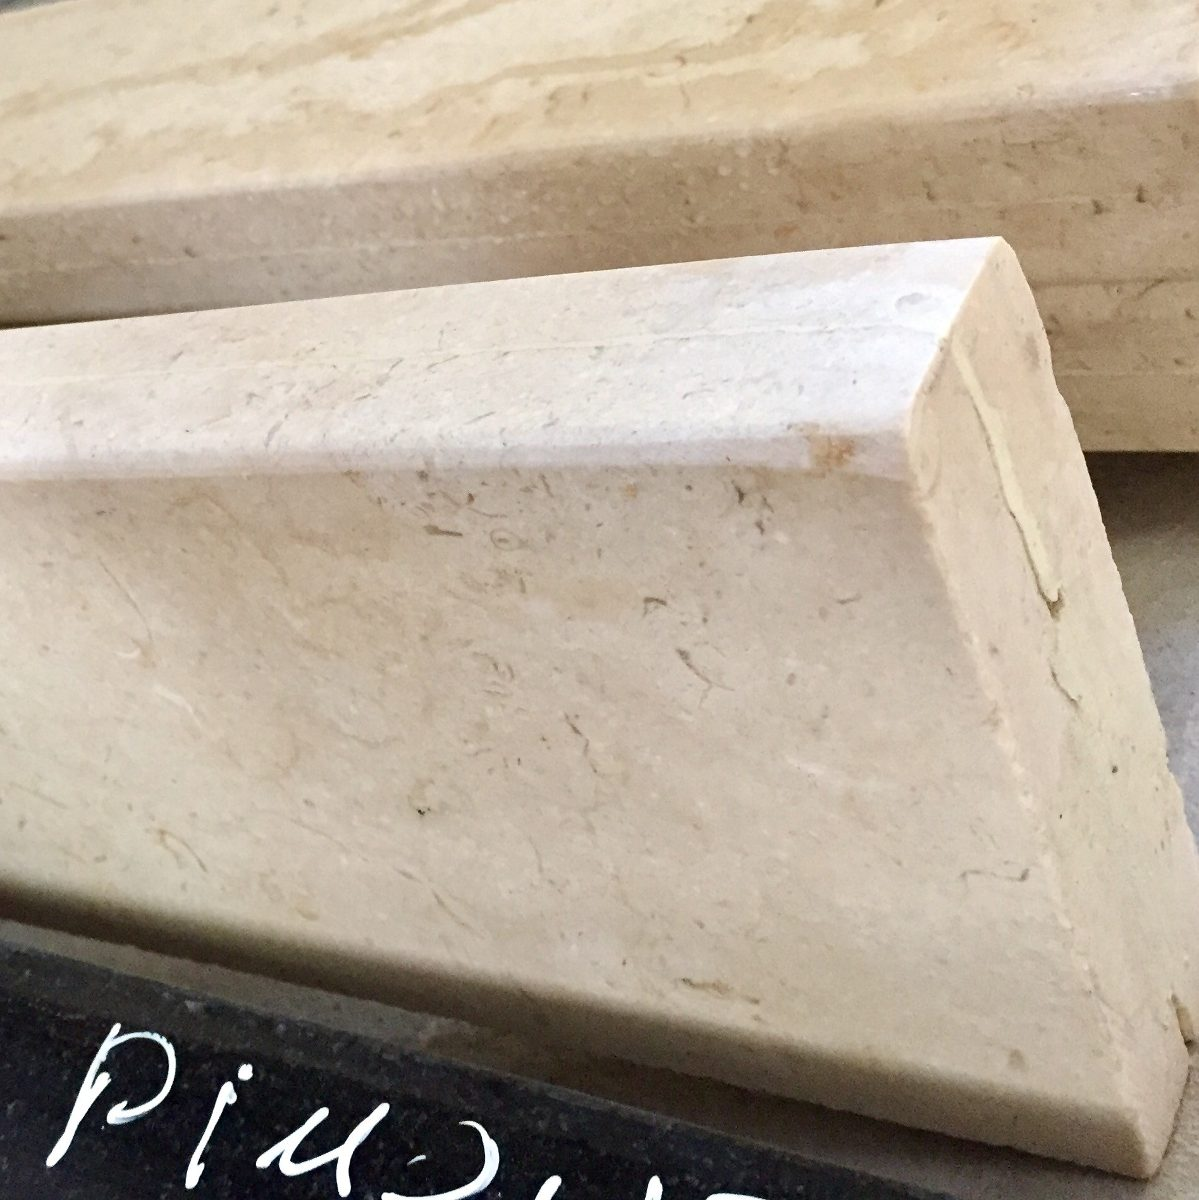 Zocalo doble ducha granito marmol 10 cm de altura 820 for Marmol granito precios